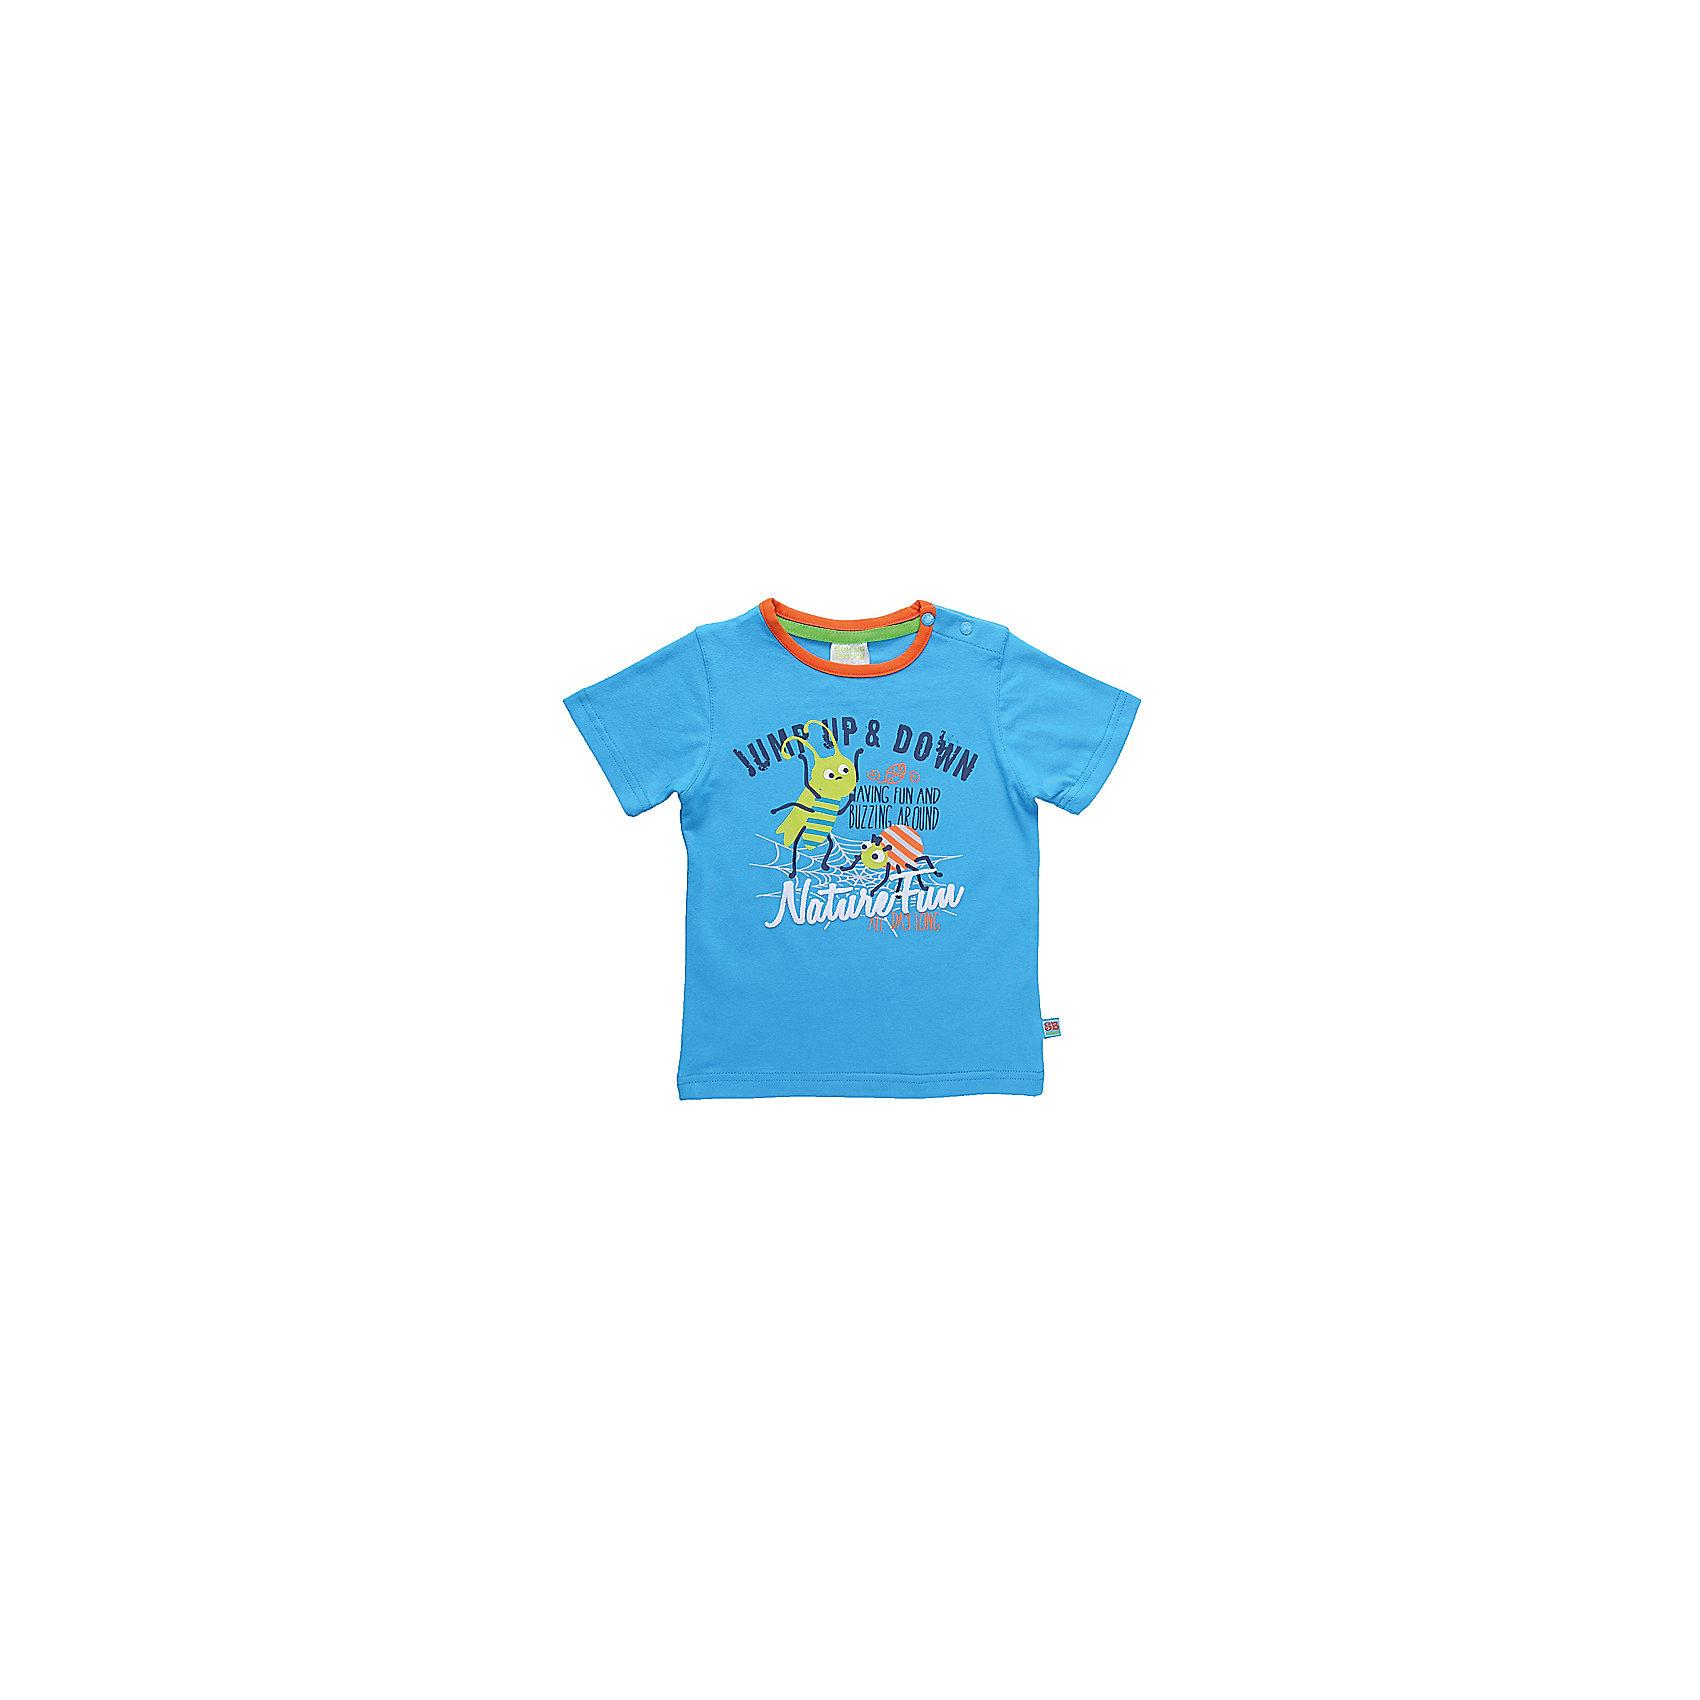 Комплект: футболка и шорты для мальчика Sweet BerryЯркий летний комплект из двух предметов. Футболка с контрастной окантовкой по горловине, украшена модным принтом. Шорты украшены контрастными полосками по бокам. Пояс на резинке дополнительно регулируется контрастным шнурком.<br>Состав:<br>95% хлопок 5% эластан<br><br>Ширина мм: 199<br>Глубина мм: 10<br>Высота мм: 161<br>Вес г: 151<br>Цвет: голубой<br>Возраст от месяцев: 12<br>Возраст до месяцев: 18<br>Пол: Мужской<br>Возраст: Детский<br>Размер: 86,80,92,98<br>SKU: 4020016